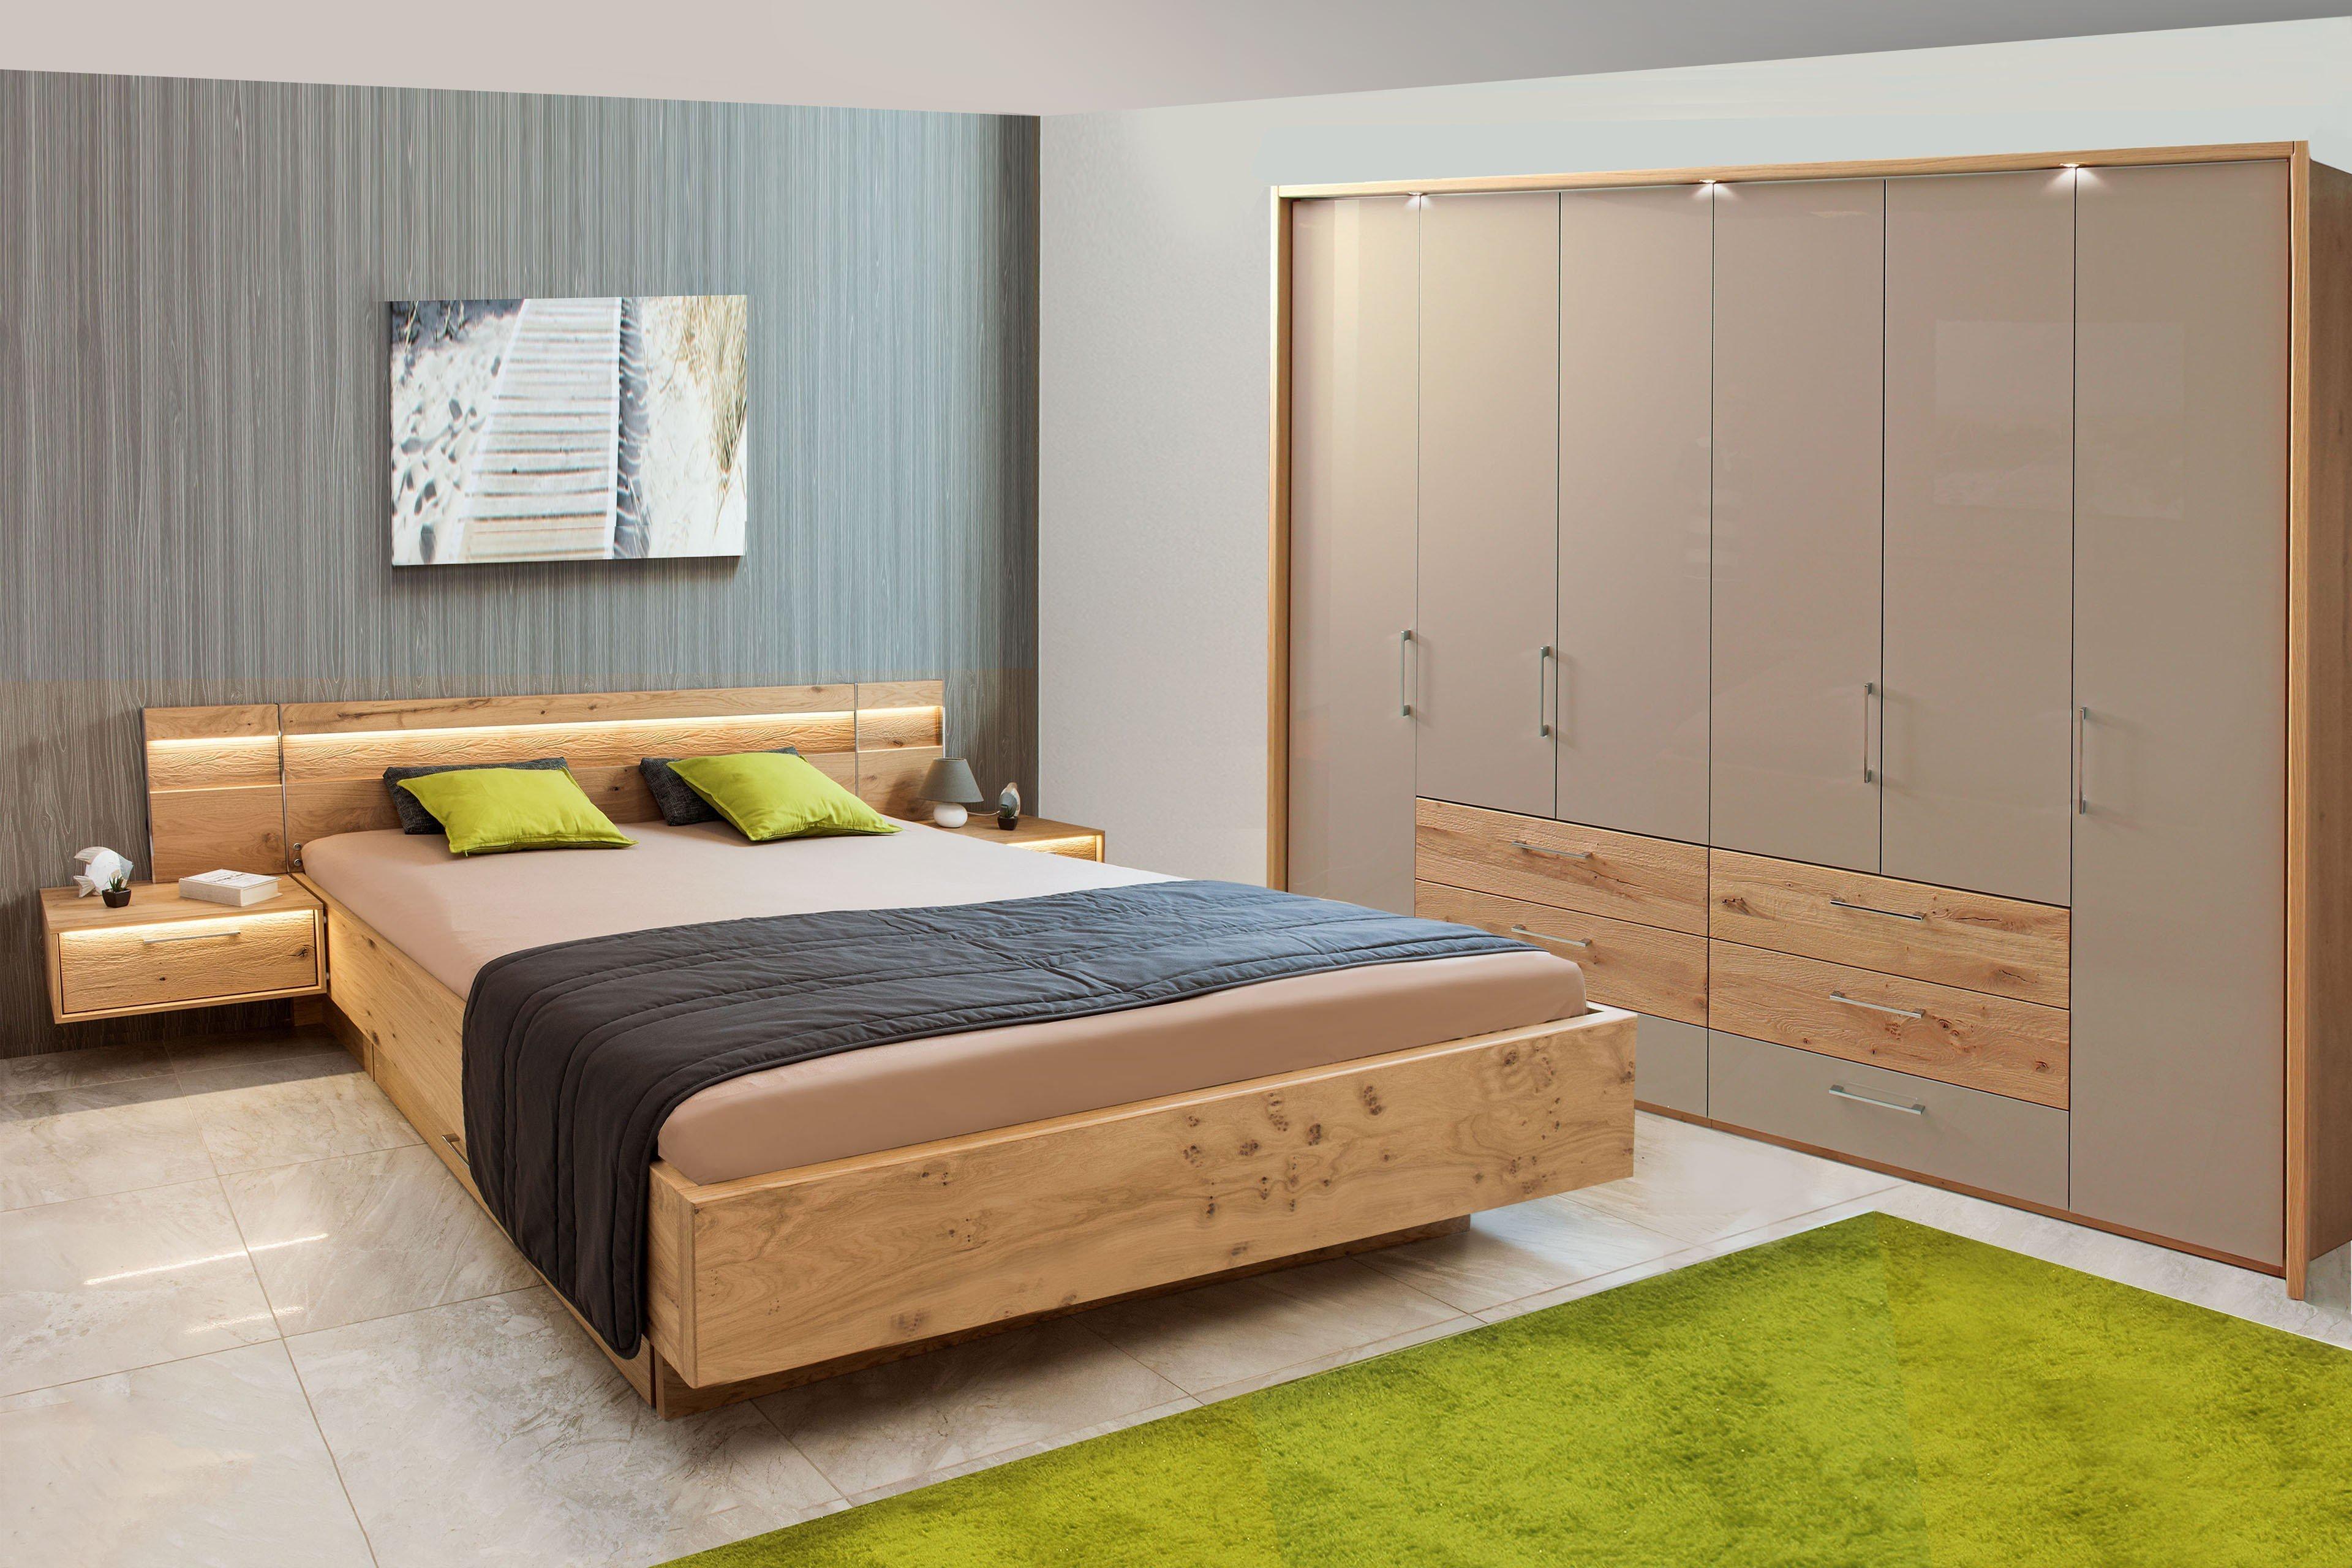 disselkamp cadiz schlafzimmer komplett | möbel letz - ihr online-shop, Schlafzimmer entwurf